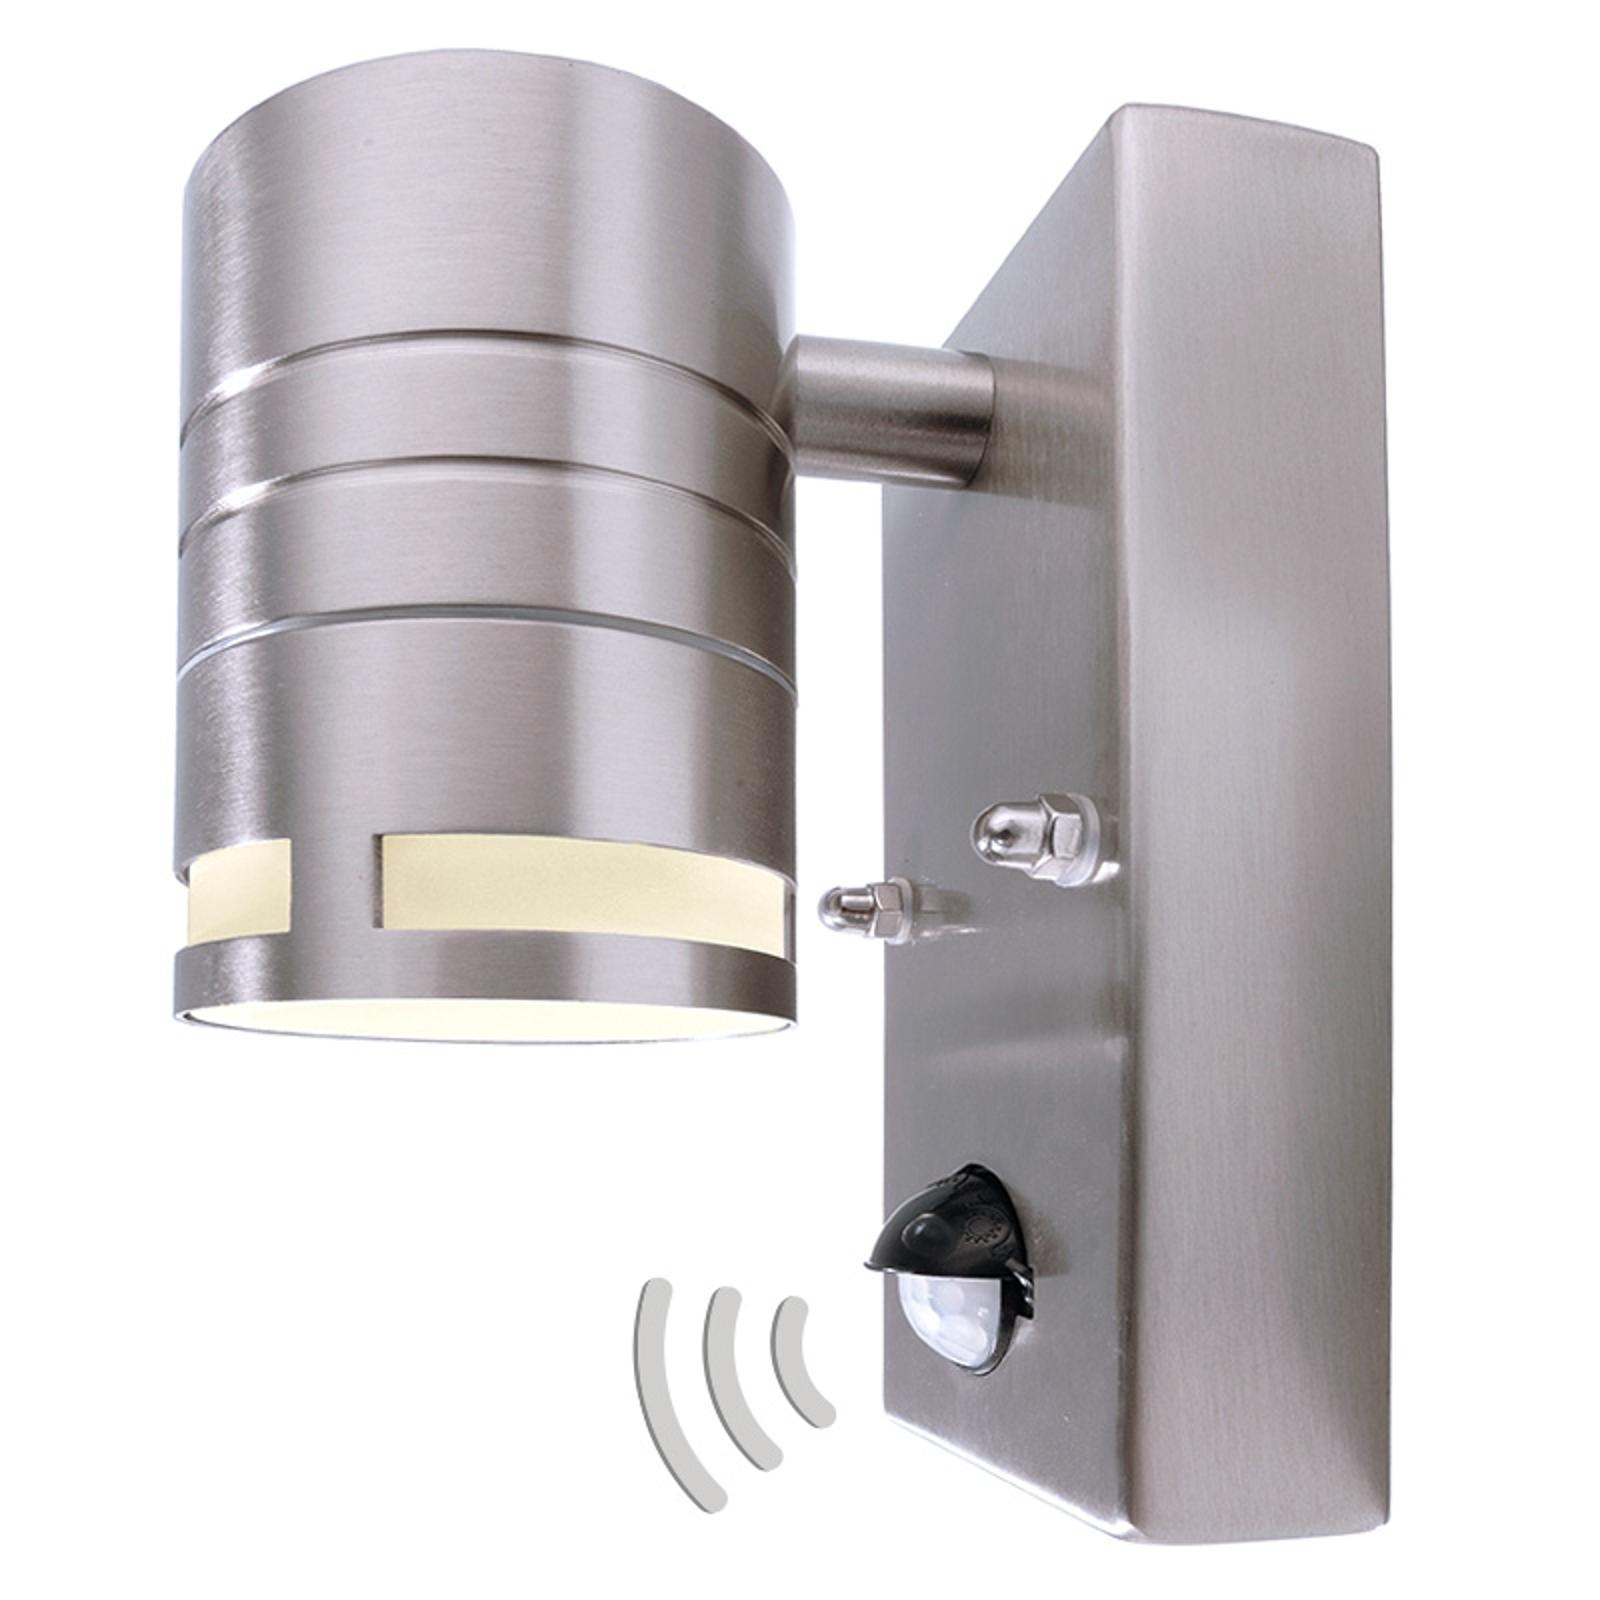 Malé nástenné svetlo Zilly II s detektorom pohybu_2500088_1